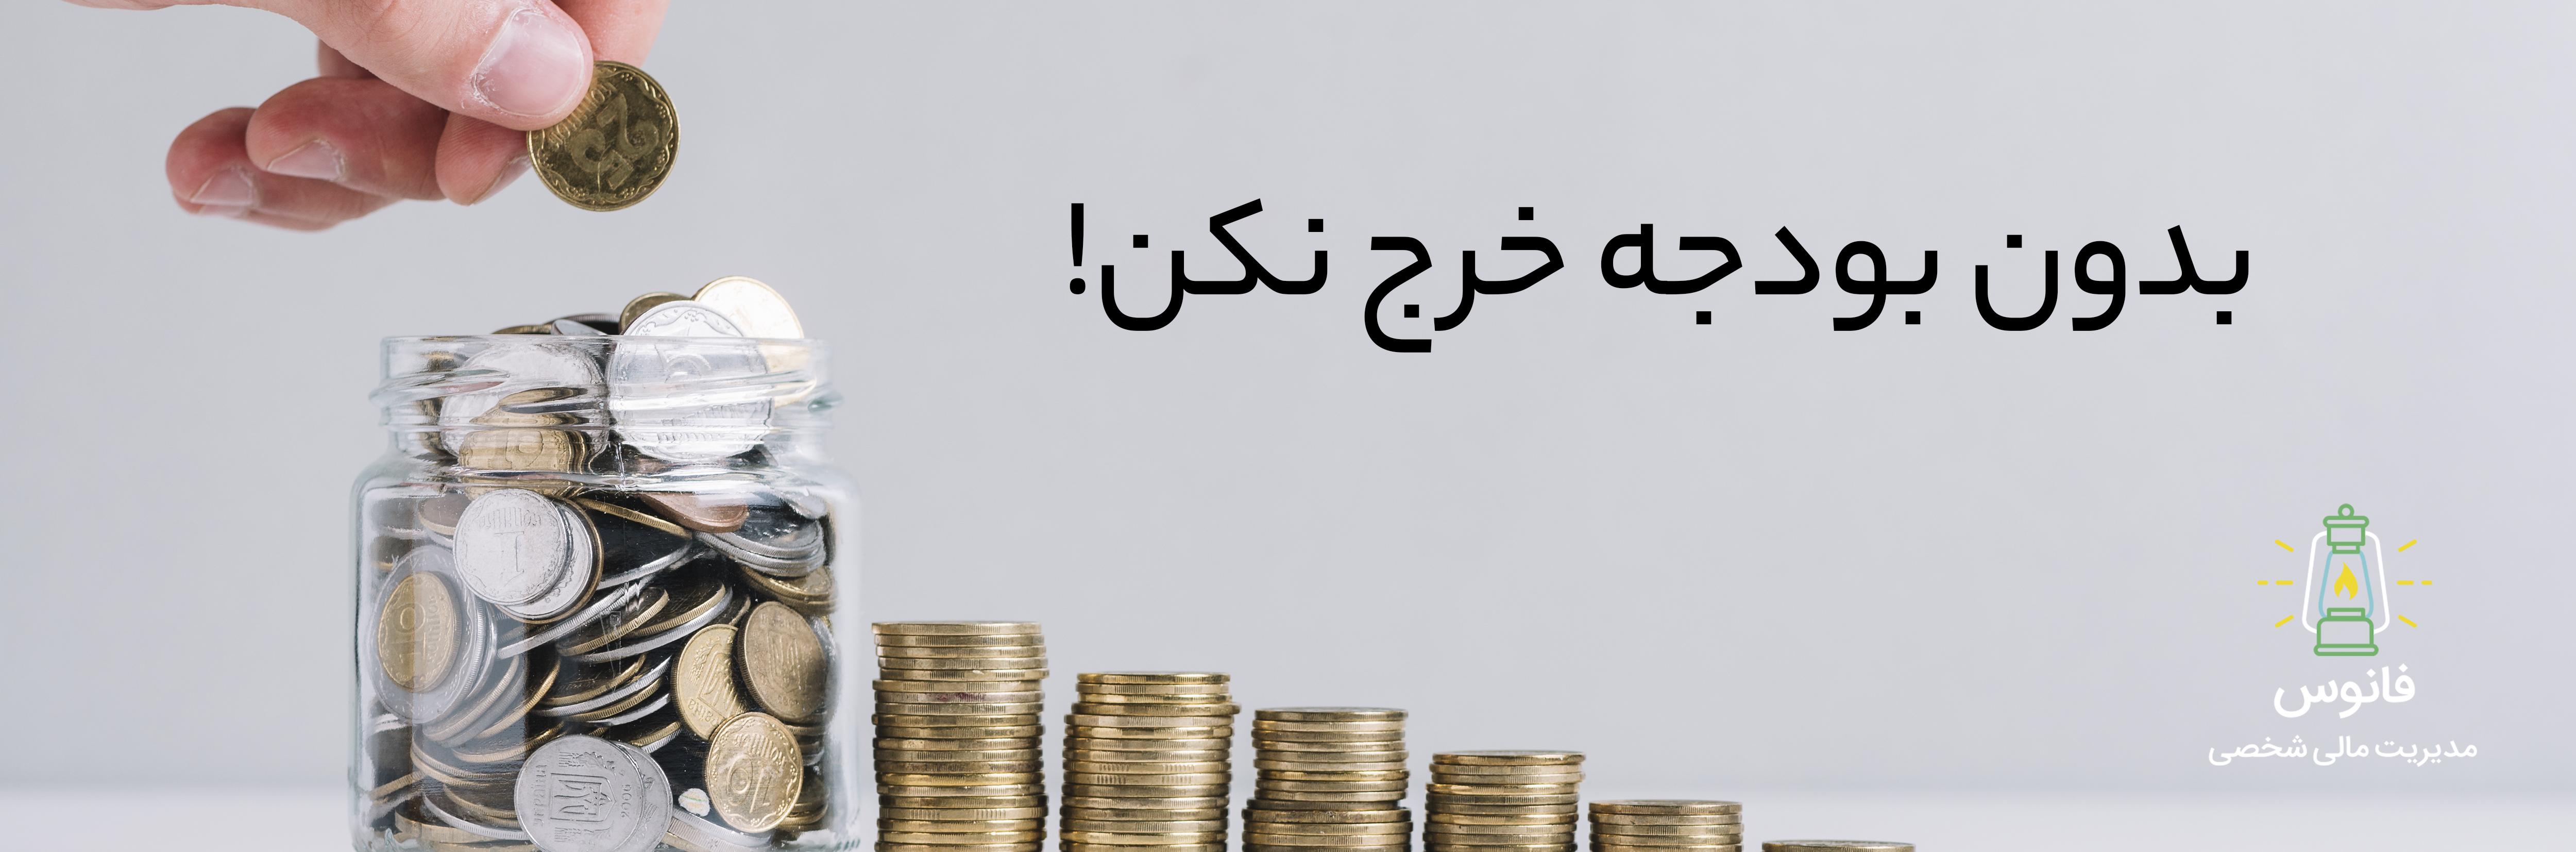 بودجهبندی چیست؟